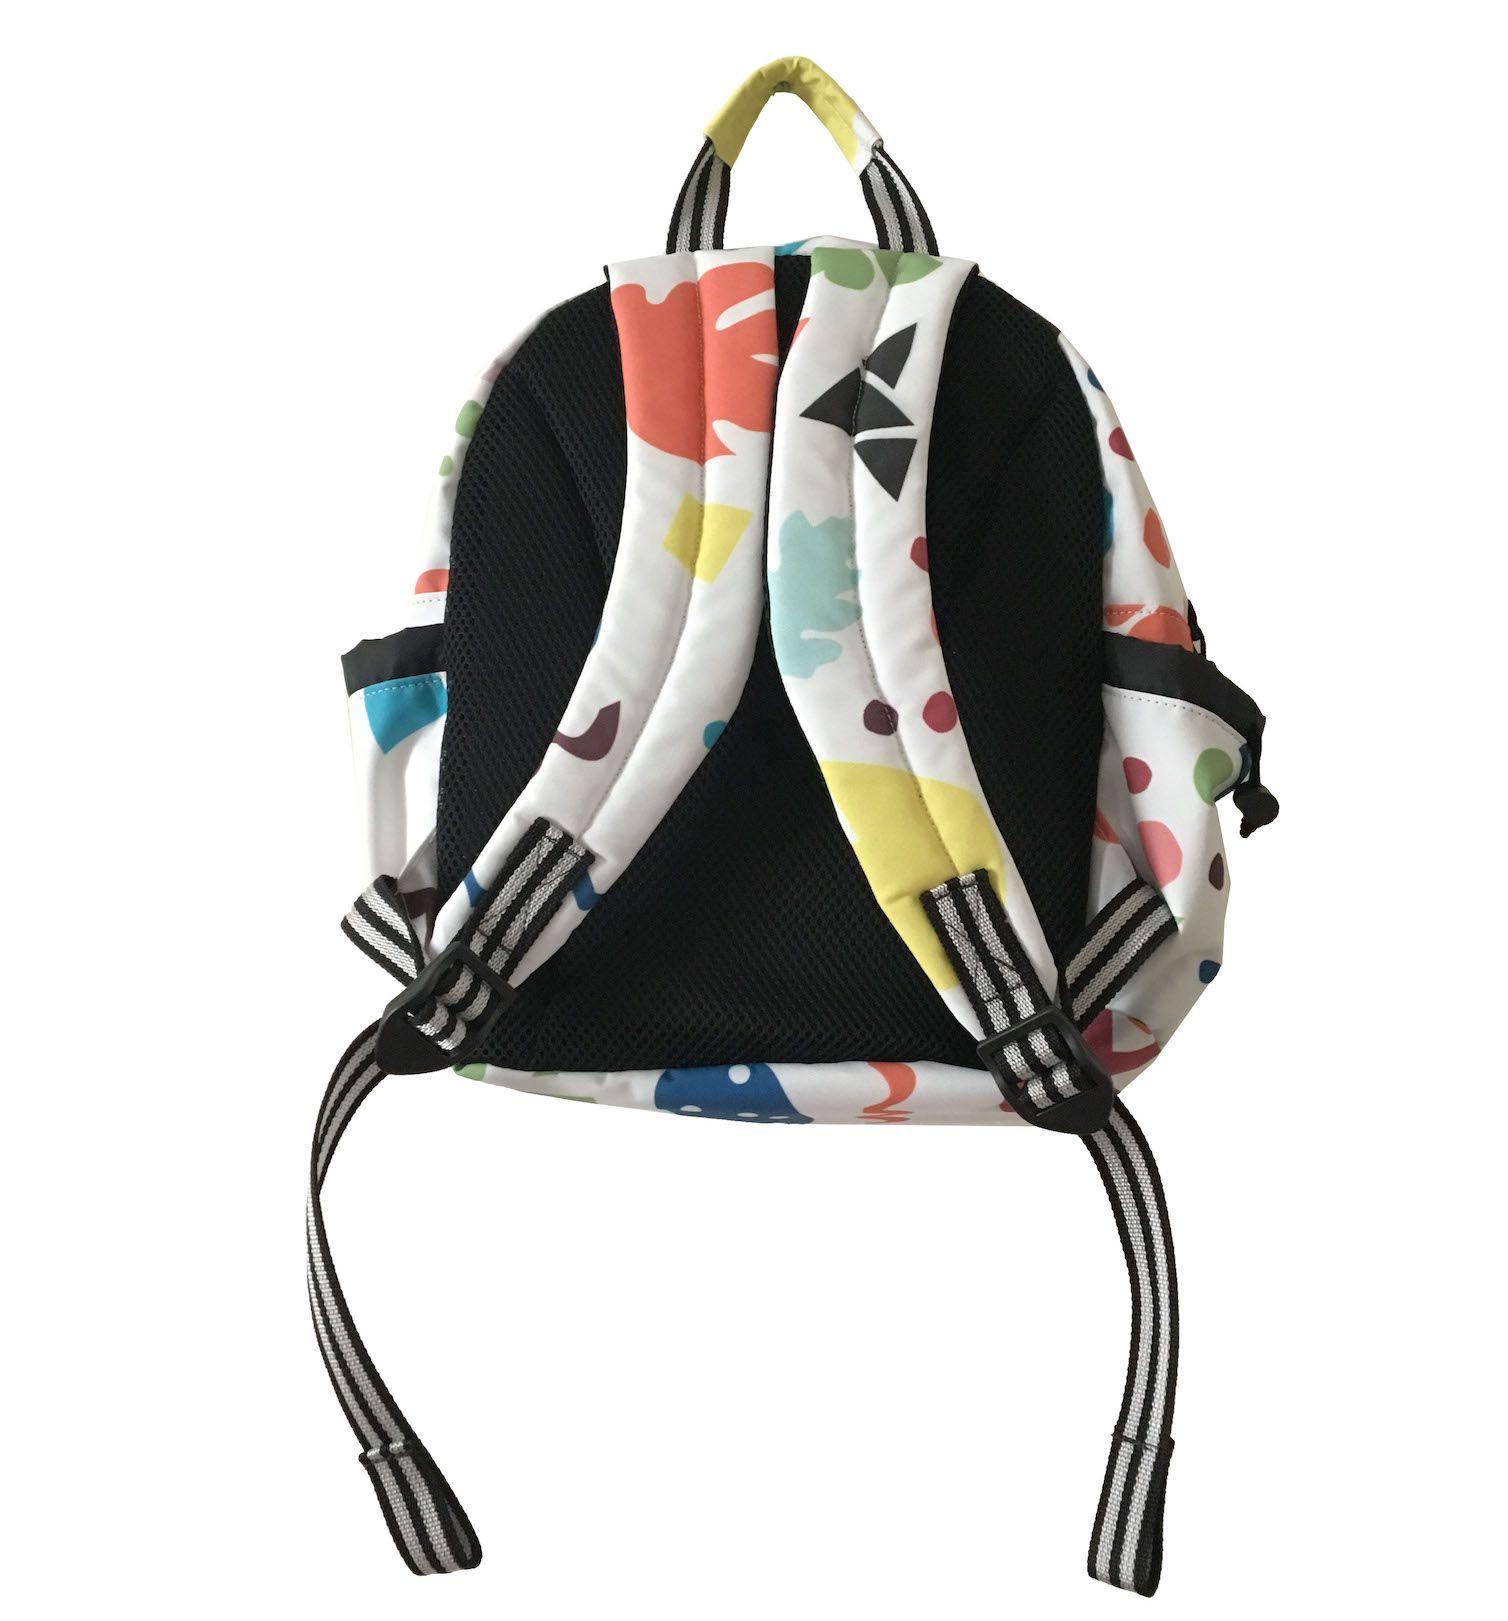 Mochilinha P Matisse